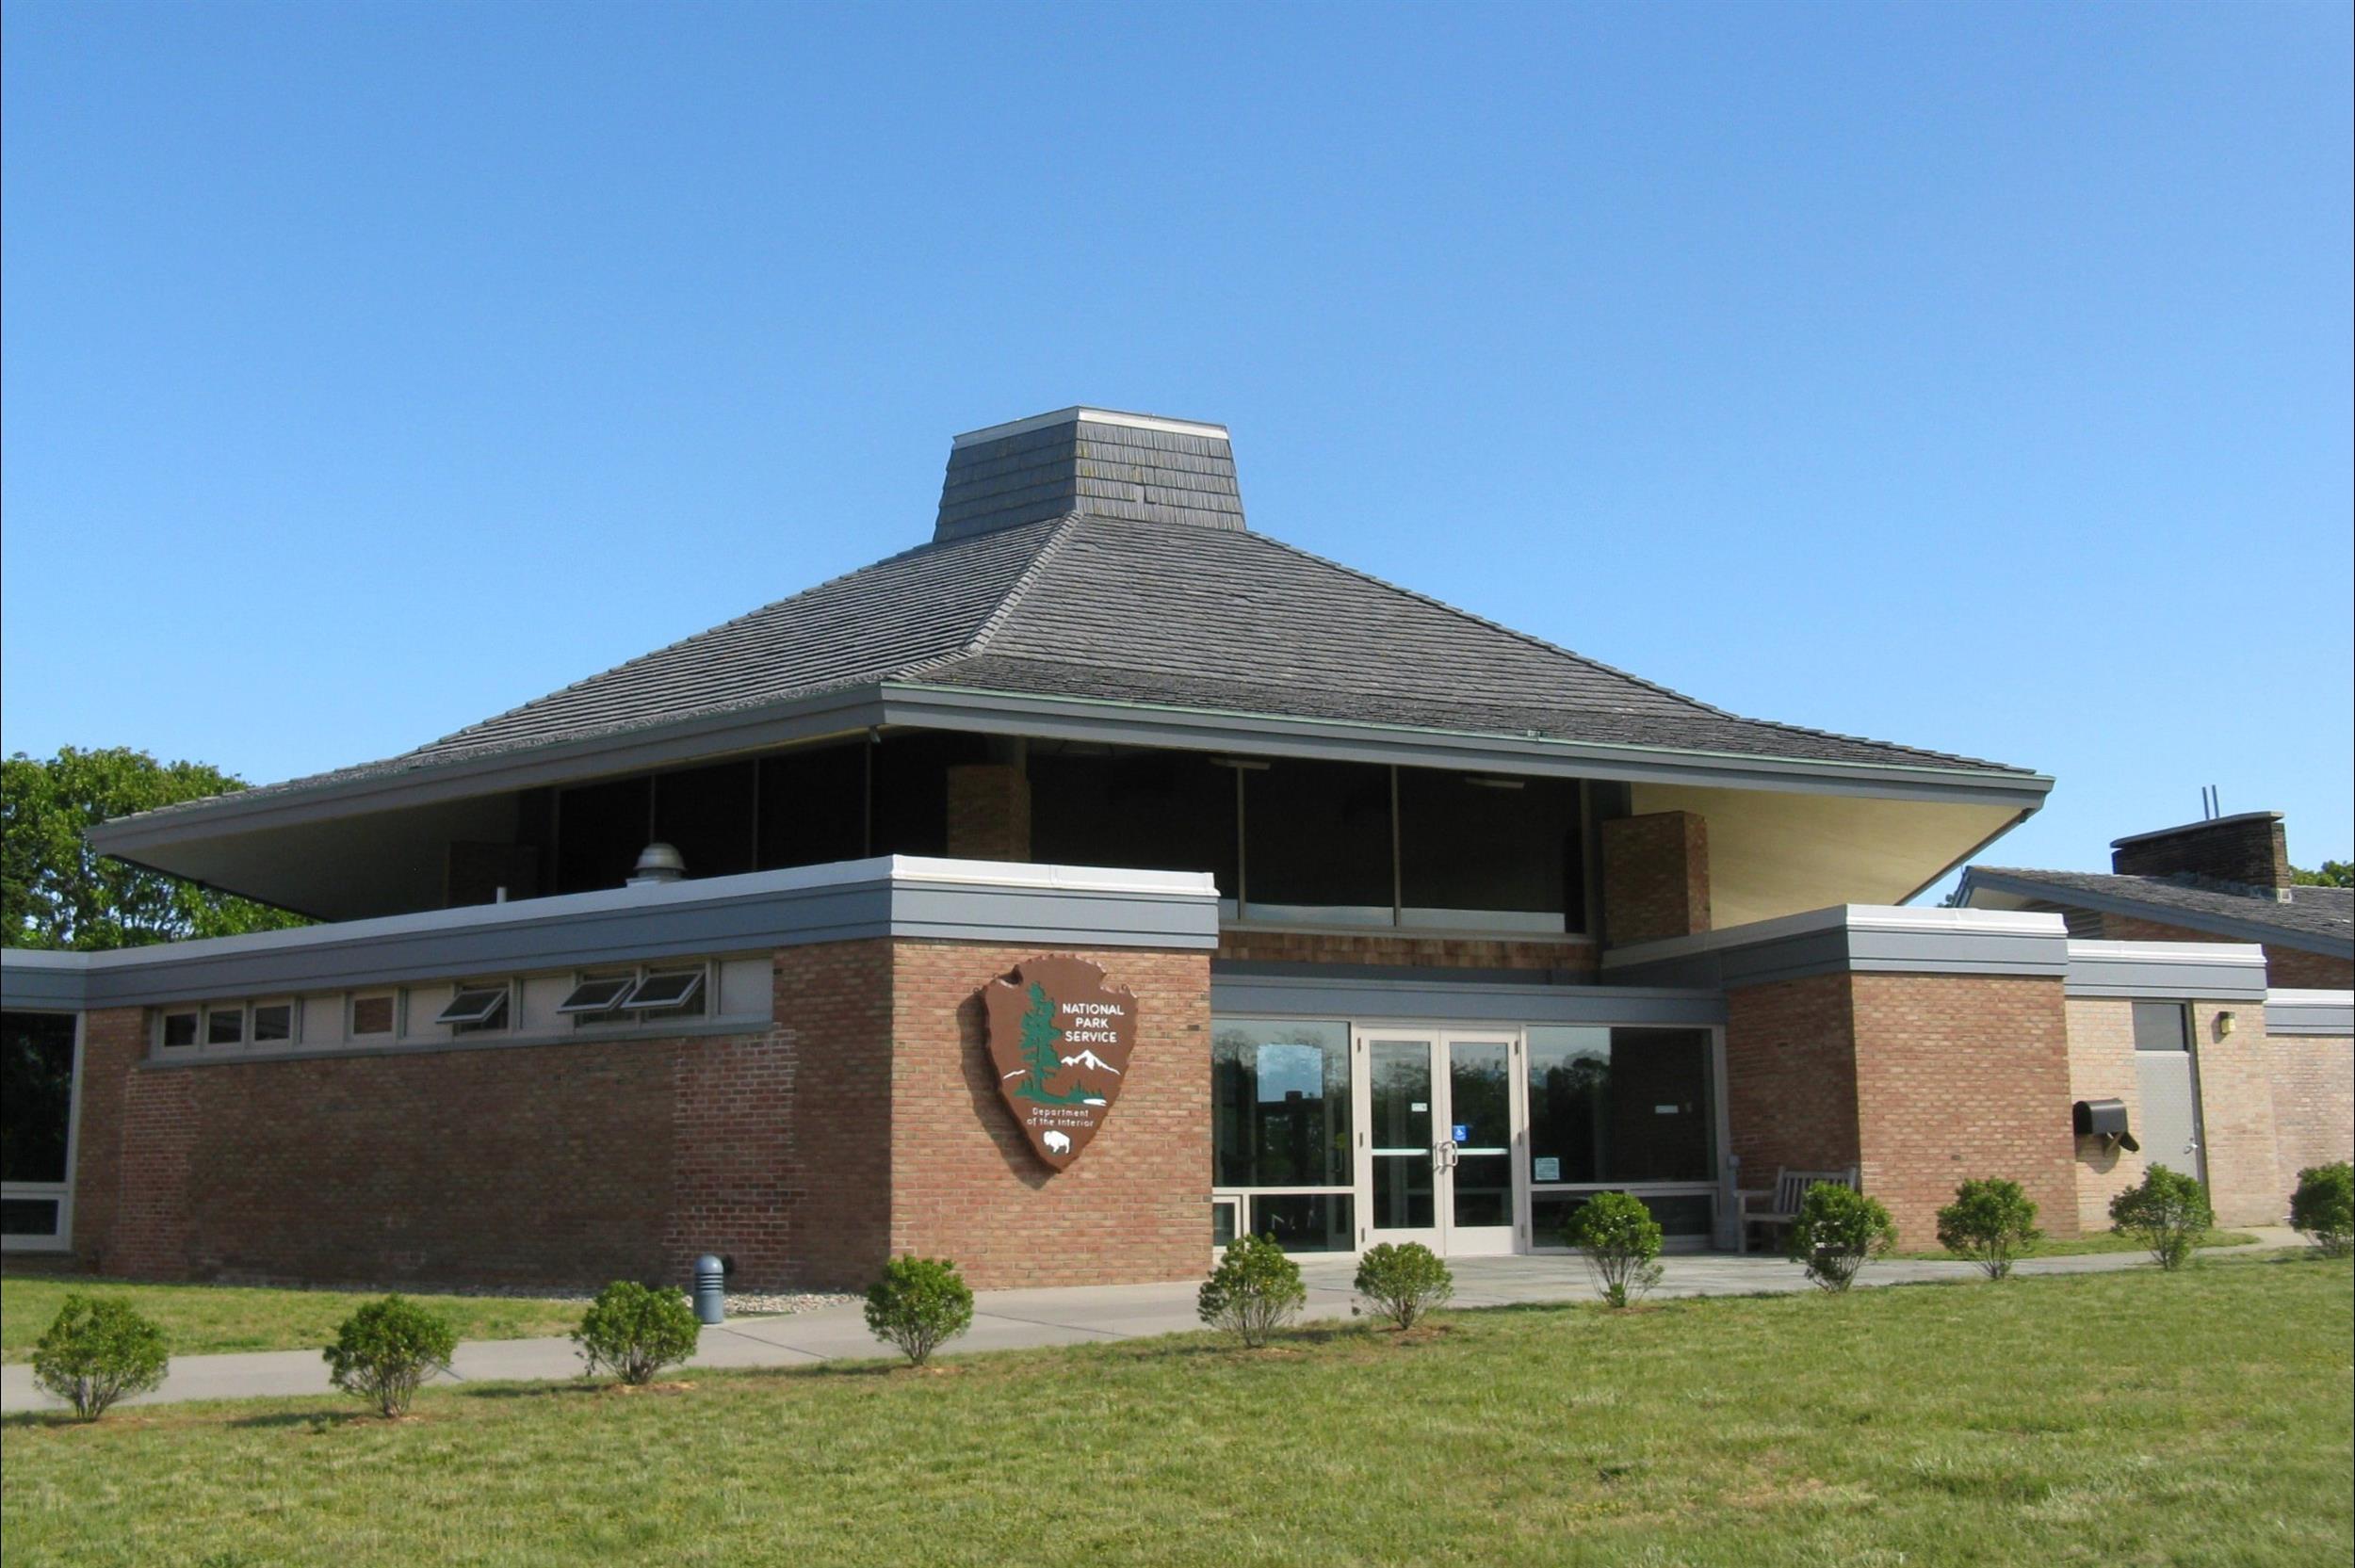 Province Lands Visitor's Center